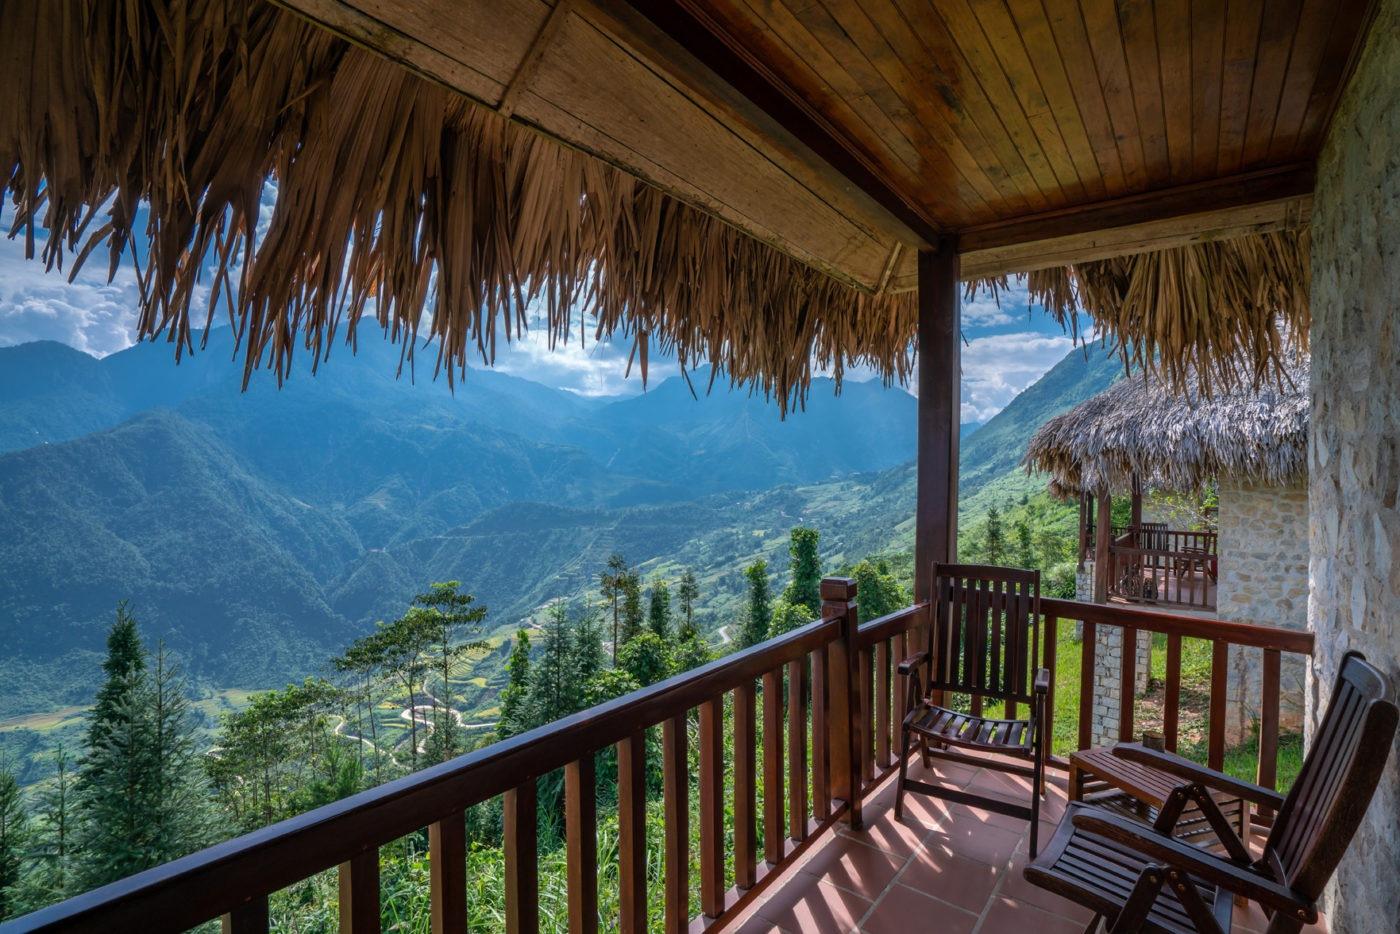 Khu vực ban công là vị trí lý tưởng để du khách có thể nhìn ngắm vẻ đẹp hùng vĩ của núi ngon và thung lũng